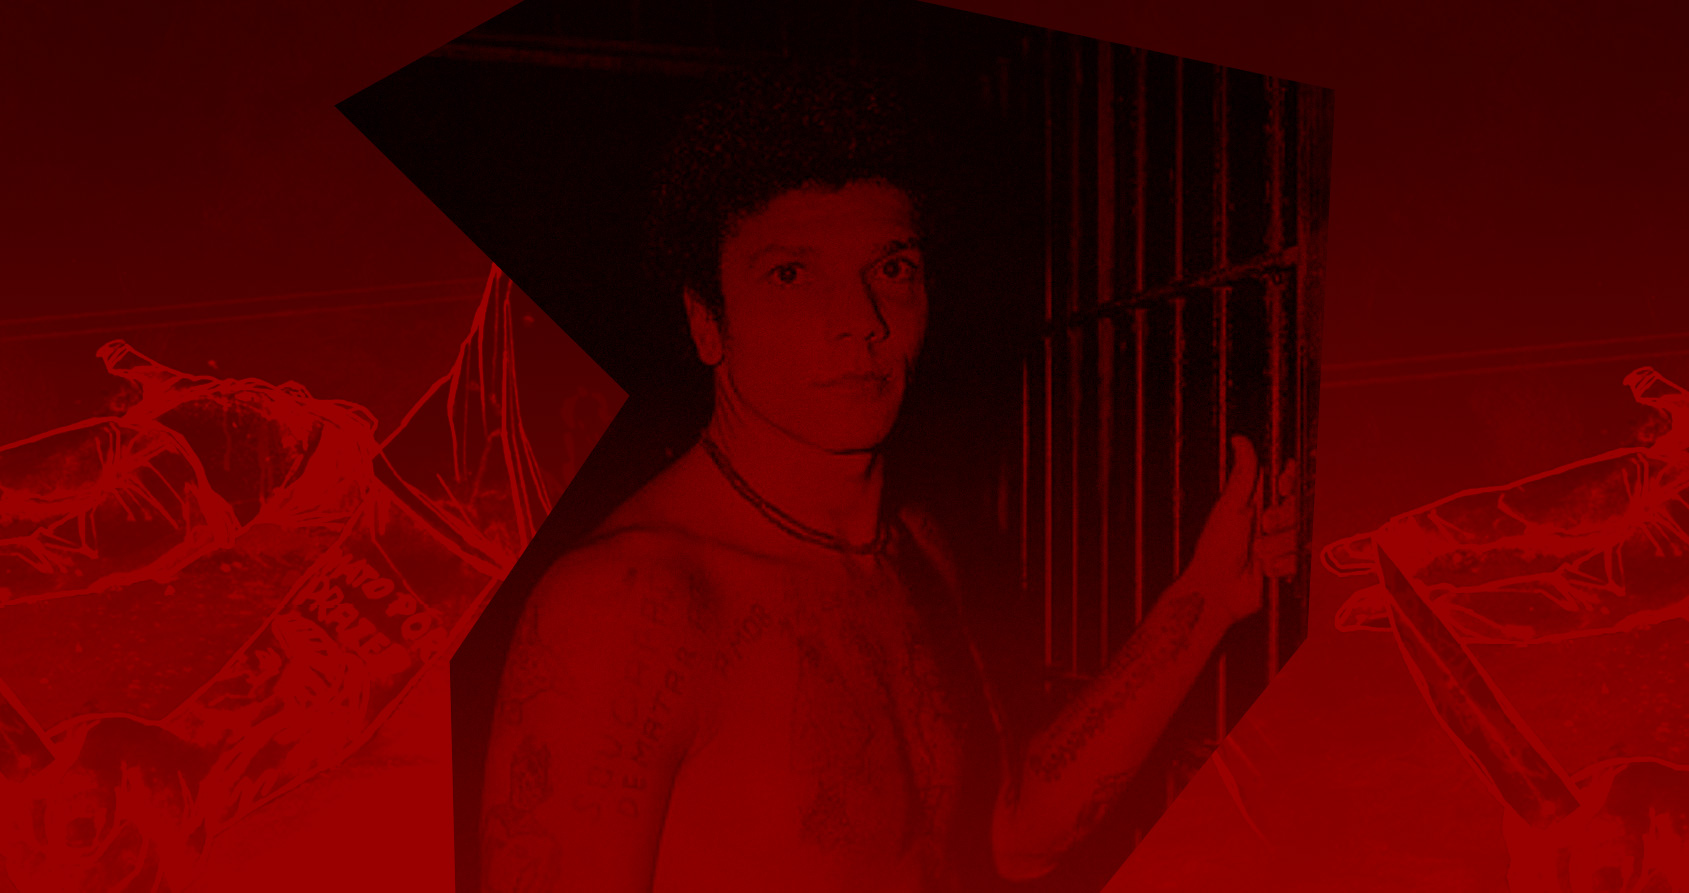 Ce tueur en série brésilien est-il le véritable Dexter ?